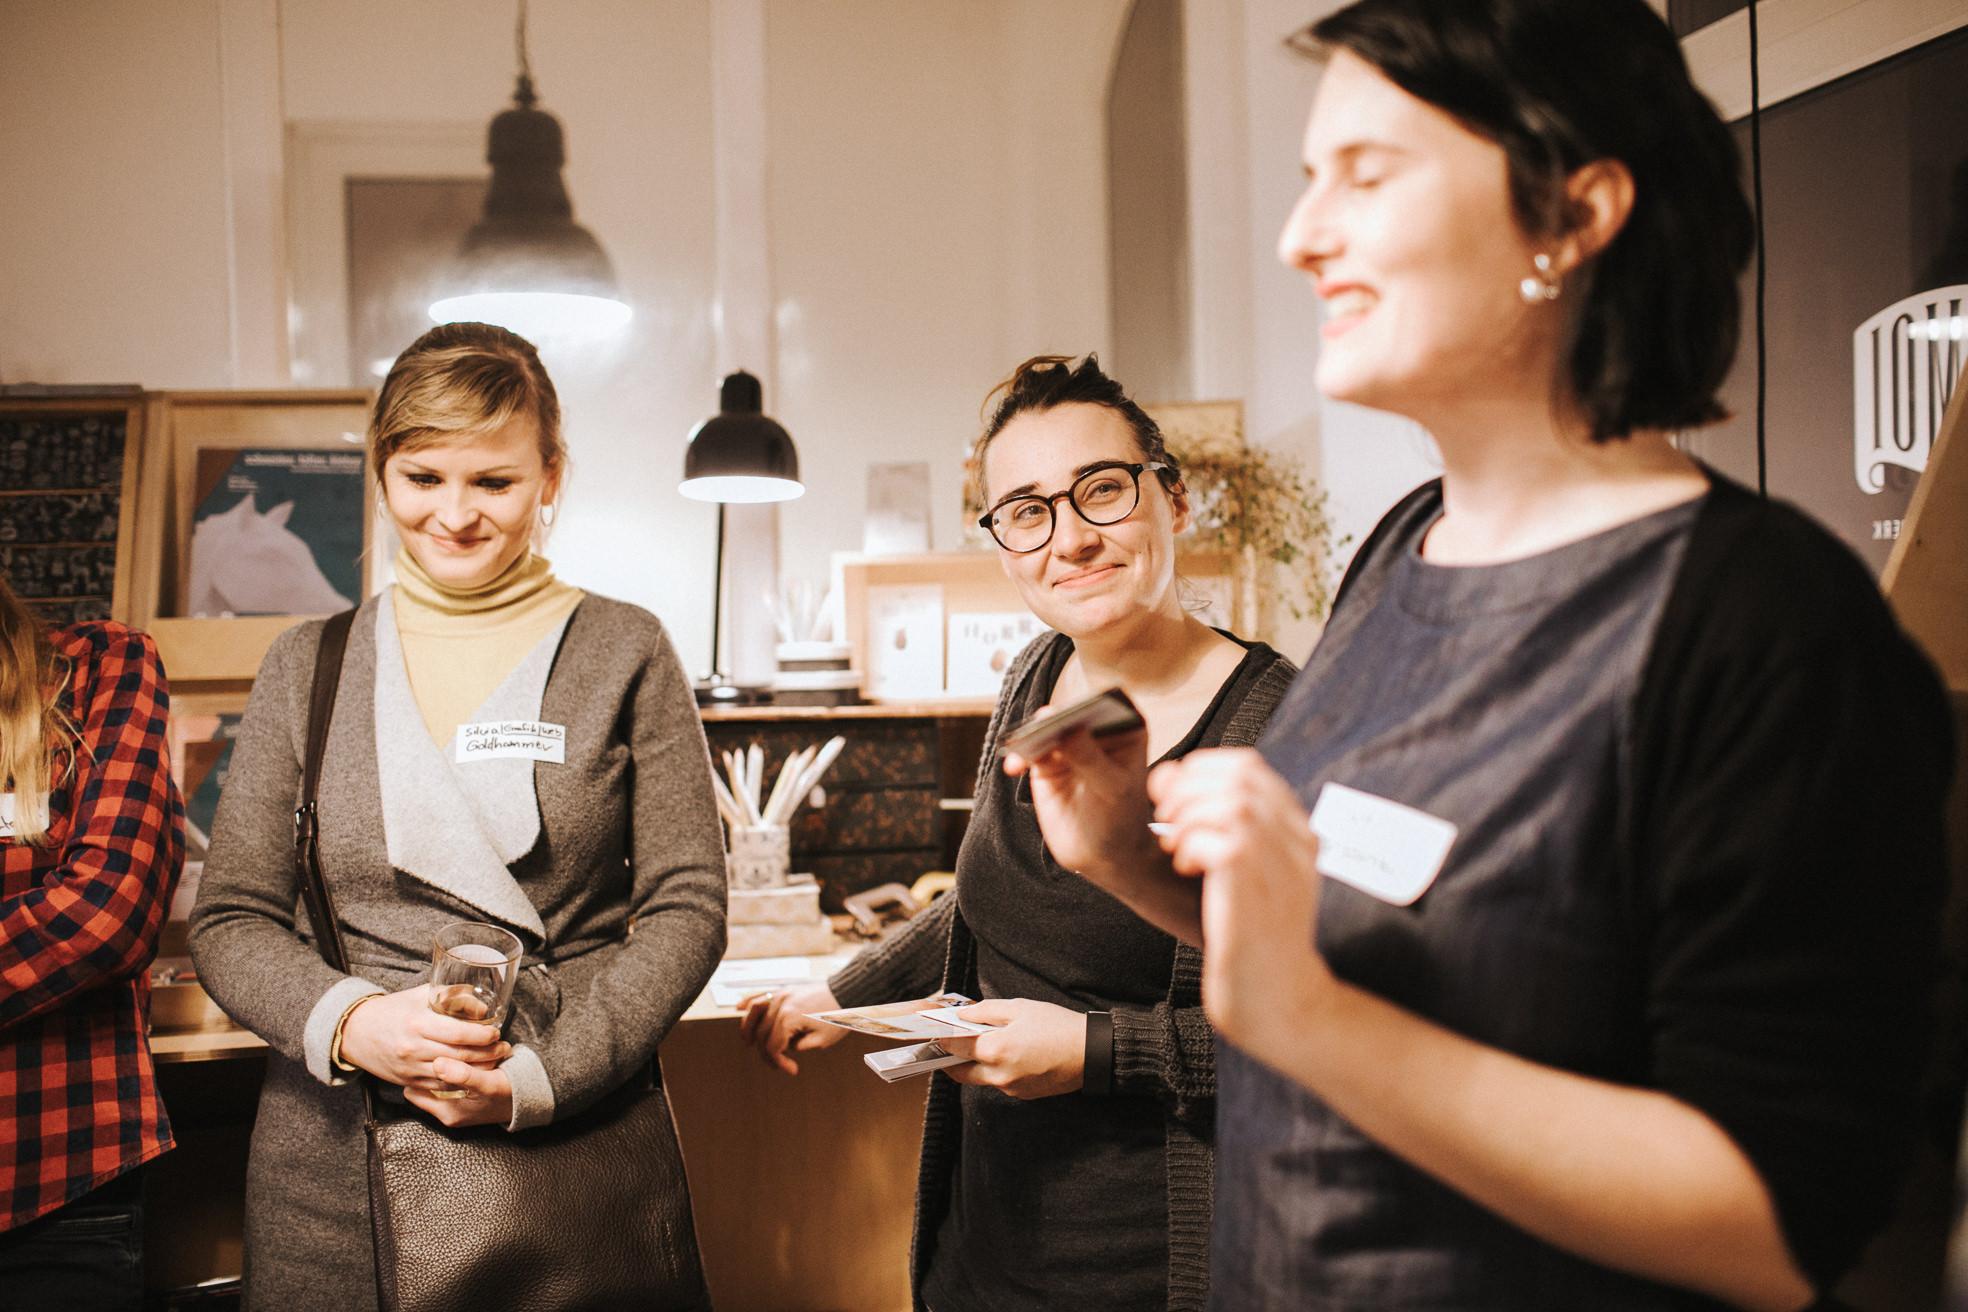 0002-Unternehmerinnen-Treffen-Anemoi--IM3C6708